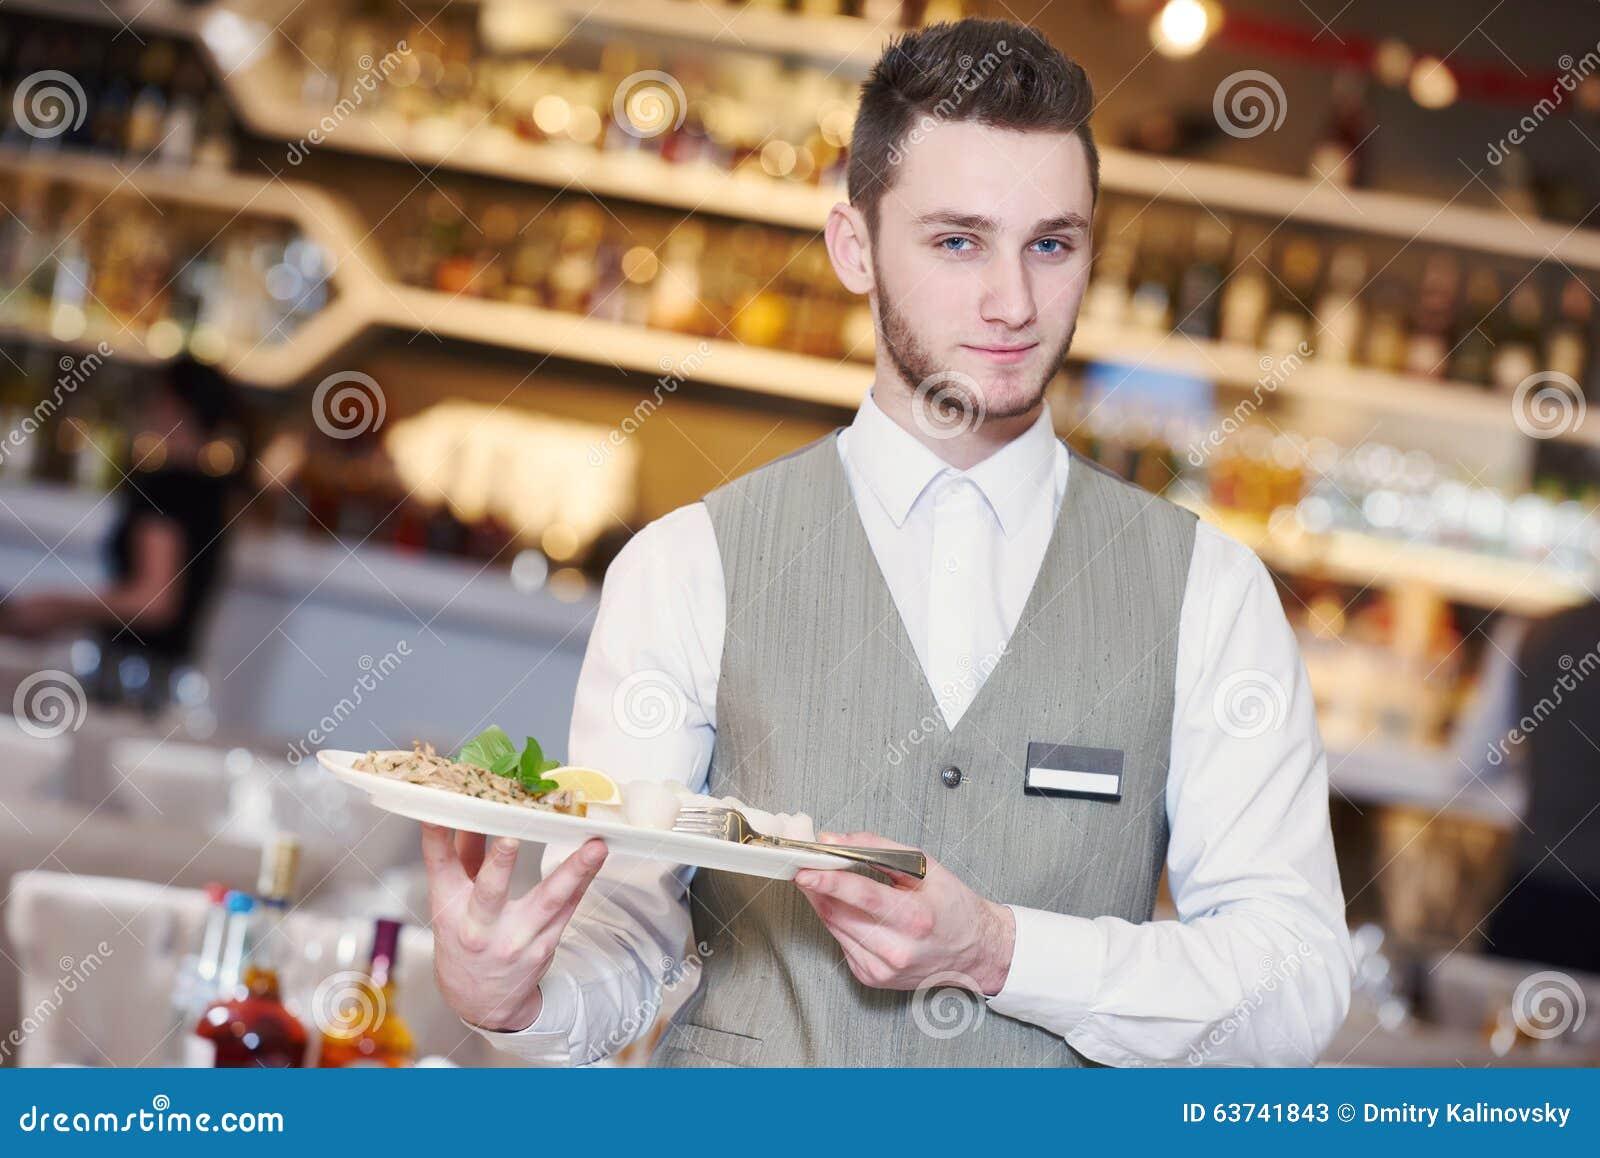 Homme de serveur dans le restaurant image stock image du for Job serveur